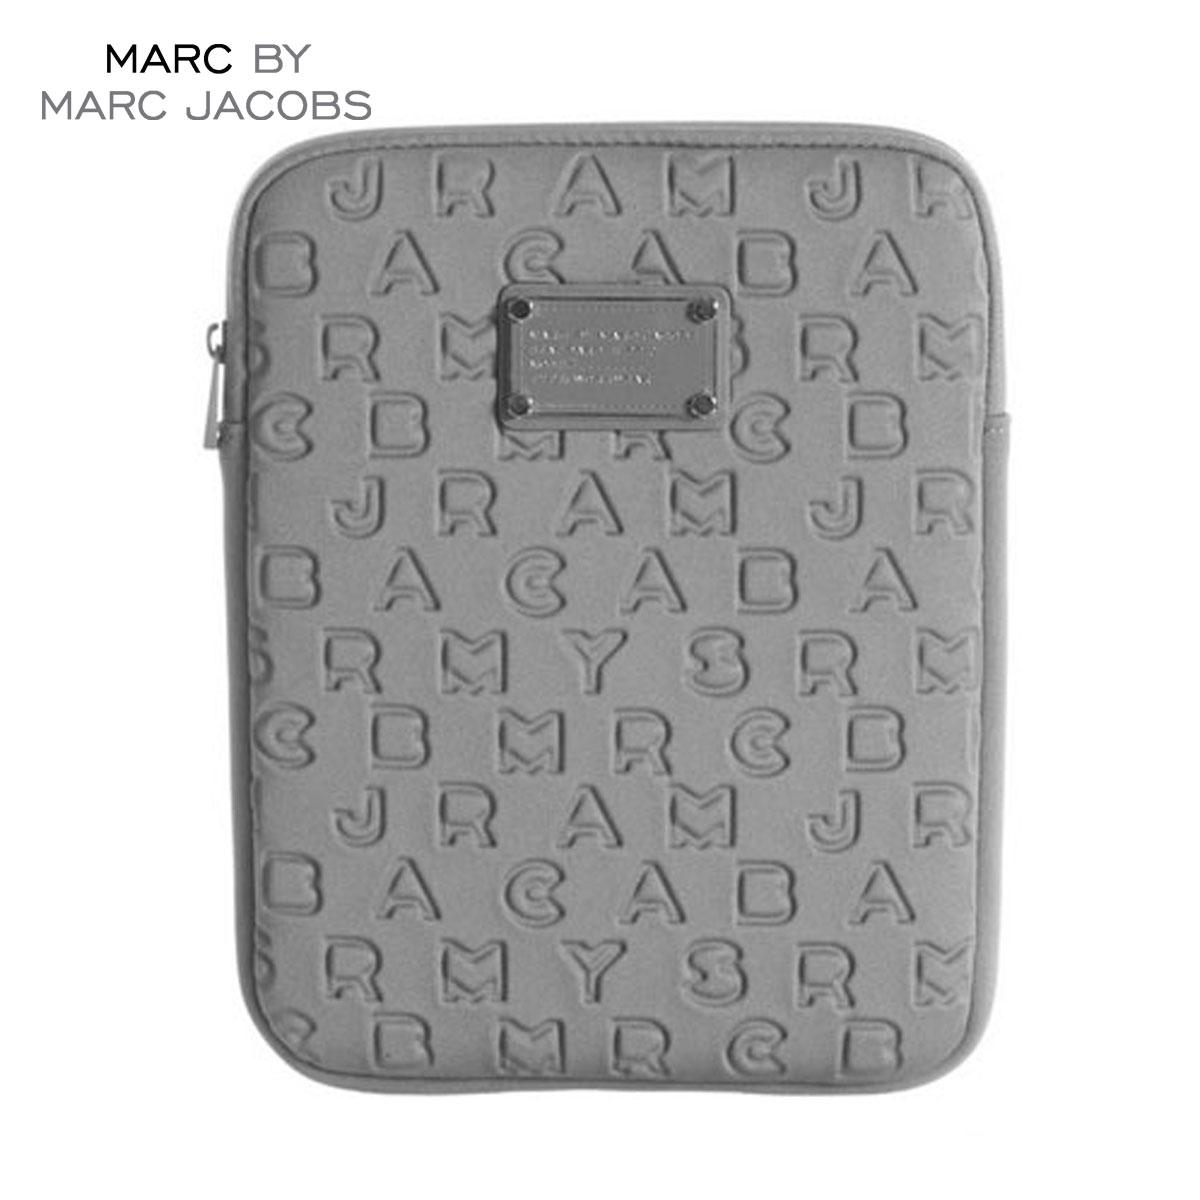 【販売期間 10/18 10:00〜10/26 1:59】 マークジェイコブス MARCJACOBS 正規品 タブレットケース Dreamy Logo Neoprene Tablet Case GREY D15S25